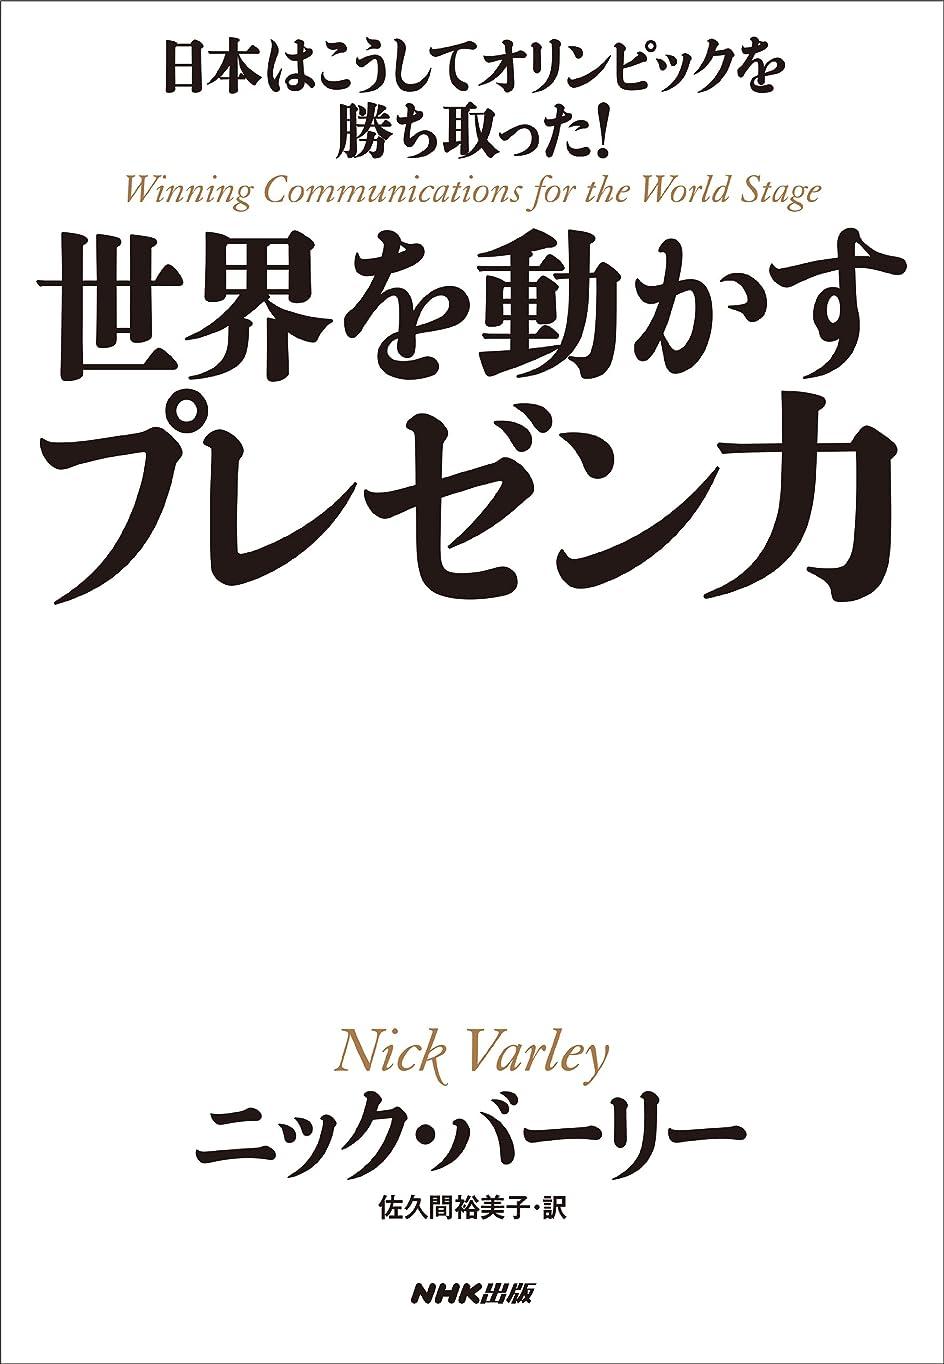 投げ捨てる花嫁デコードする日本はこうしてオリンピックを勝ち取った! 世界を動かすプレゼン力